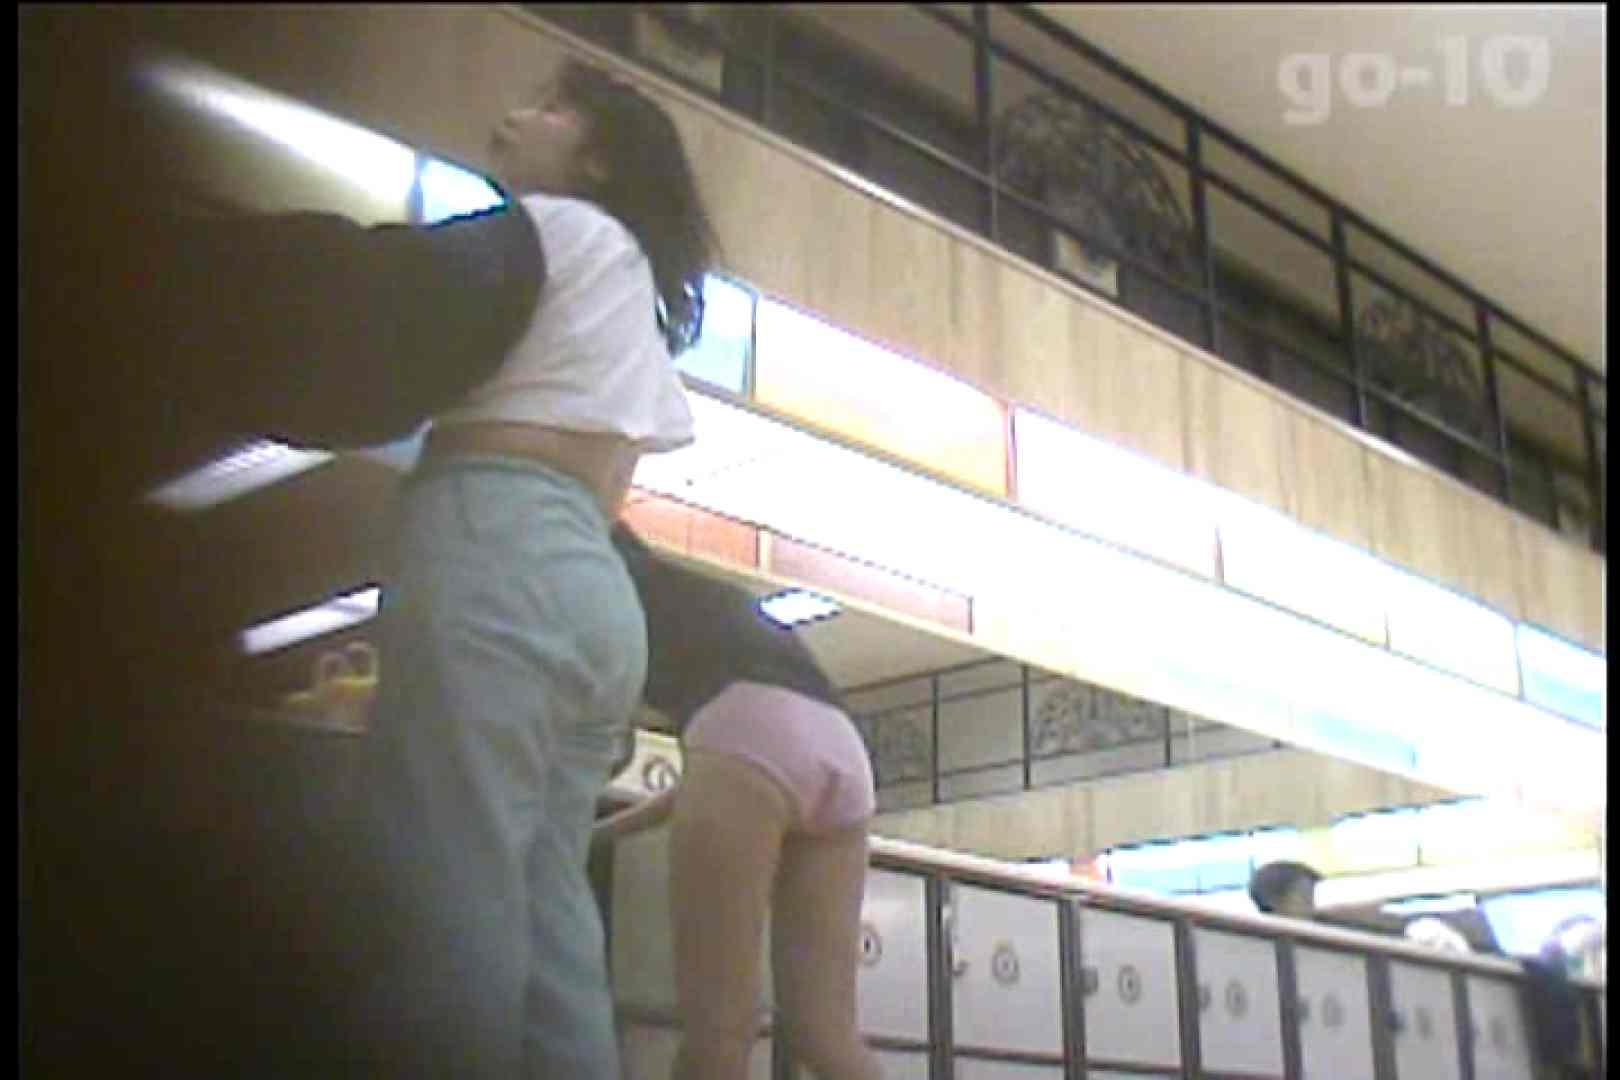 電波カメラ設置浴場からの防HAN映像 Vol.10 OL女体  86連発 69